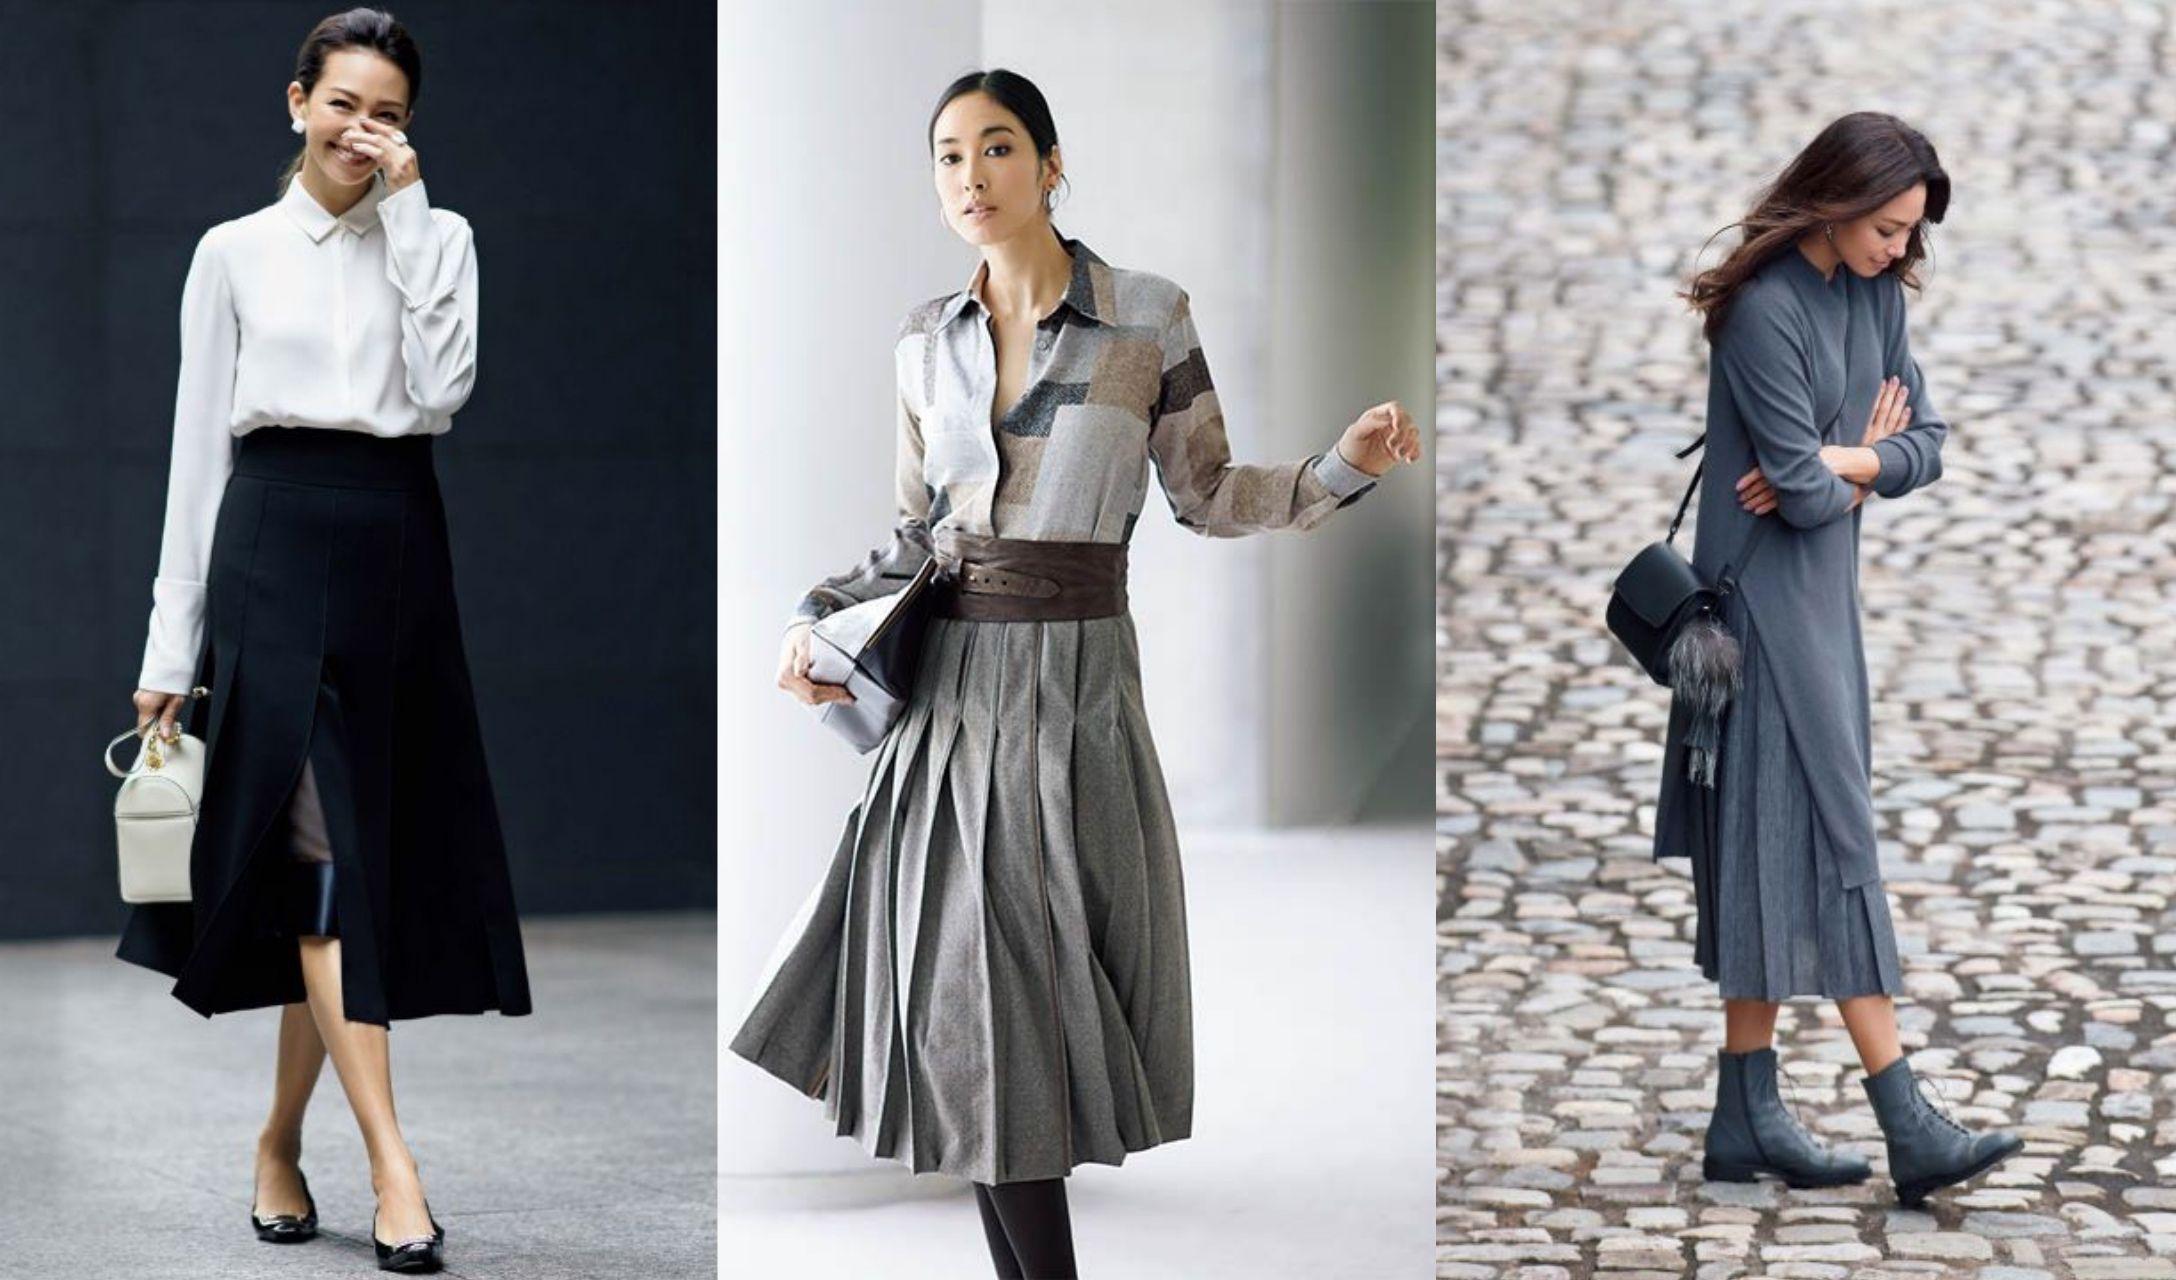 人気のロングプリーツスカートなど、大人女性の着こなしコーデ集